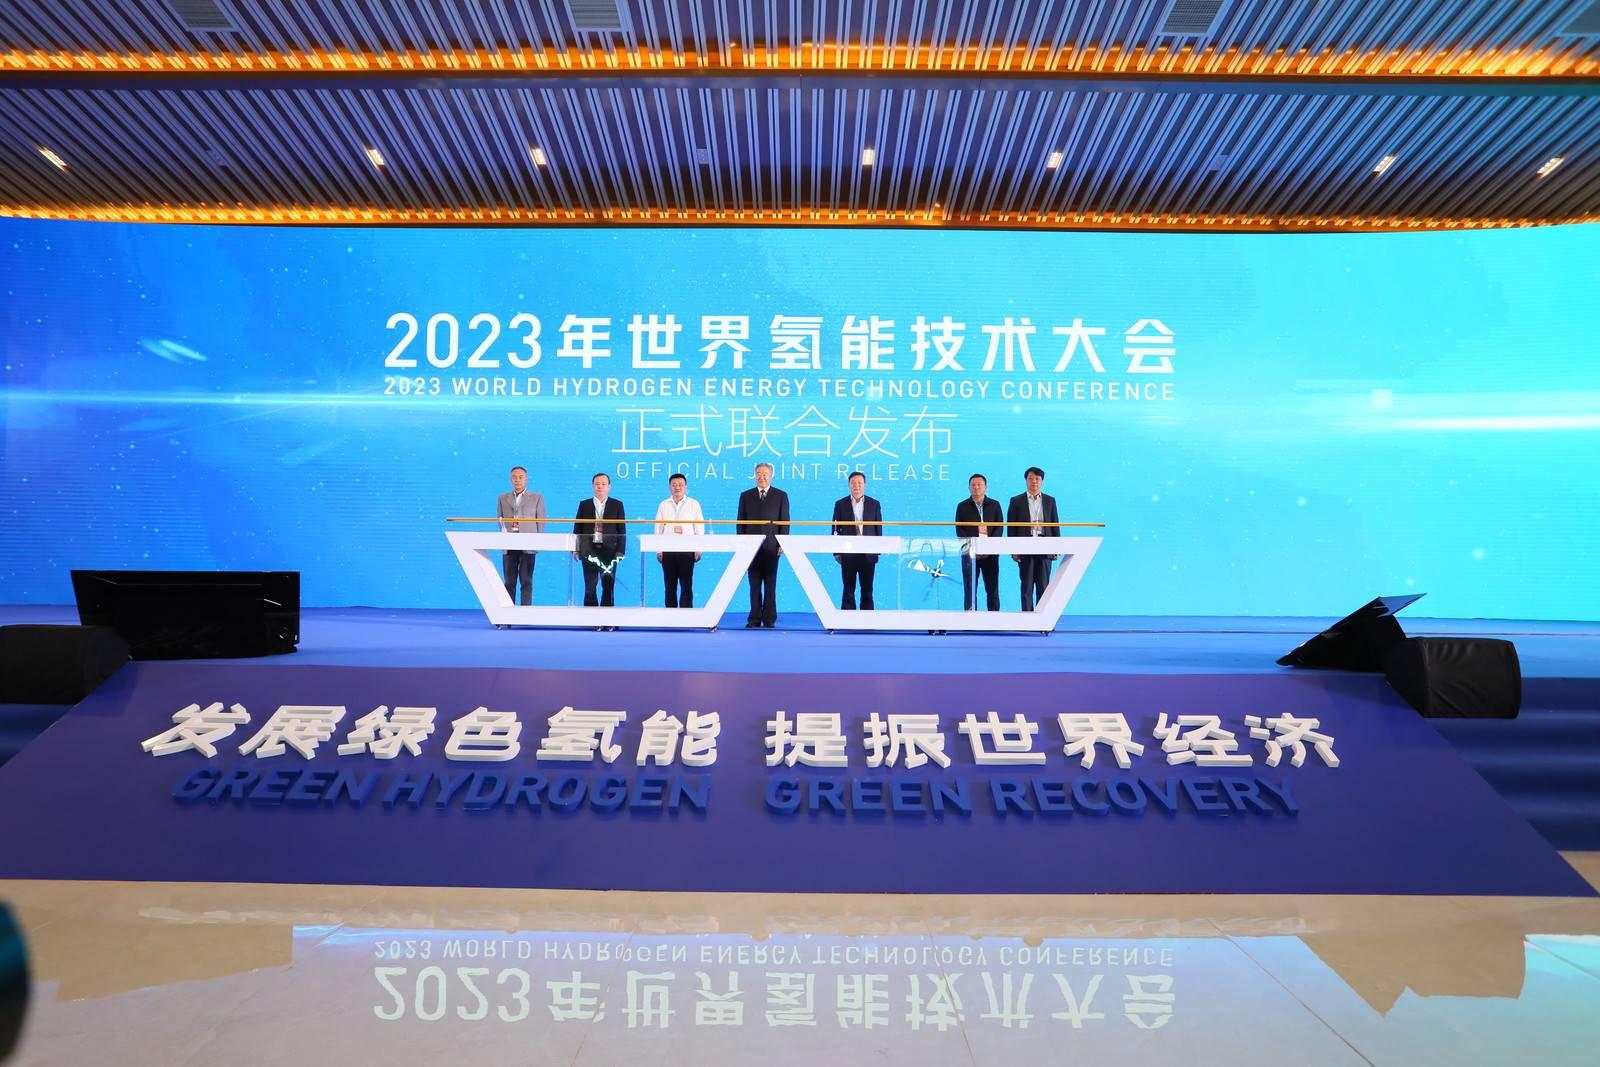 2023年世界氢能技术大会联合发布仪式